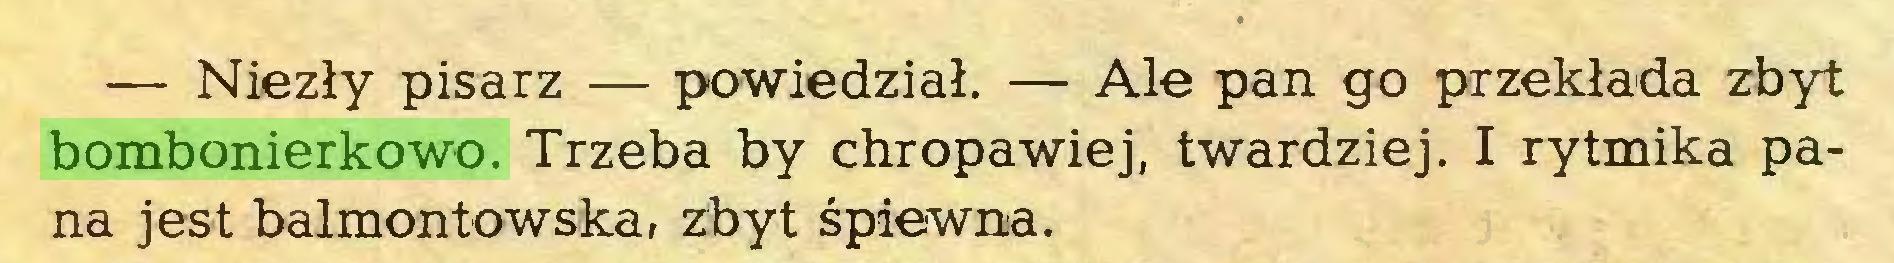 (...) — Niezly pisarz — powiedzial. — Ale pan go przeklada zbyt bombonierkowo. Trzeba by chropawiej, twardziej. I rytmika pana jest balmontowska, zbyt spiewna...